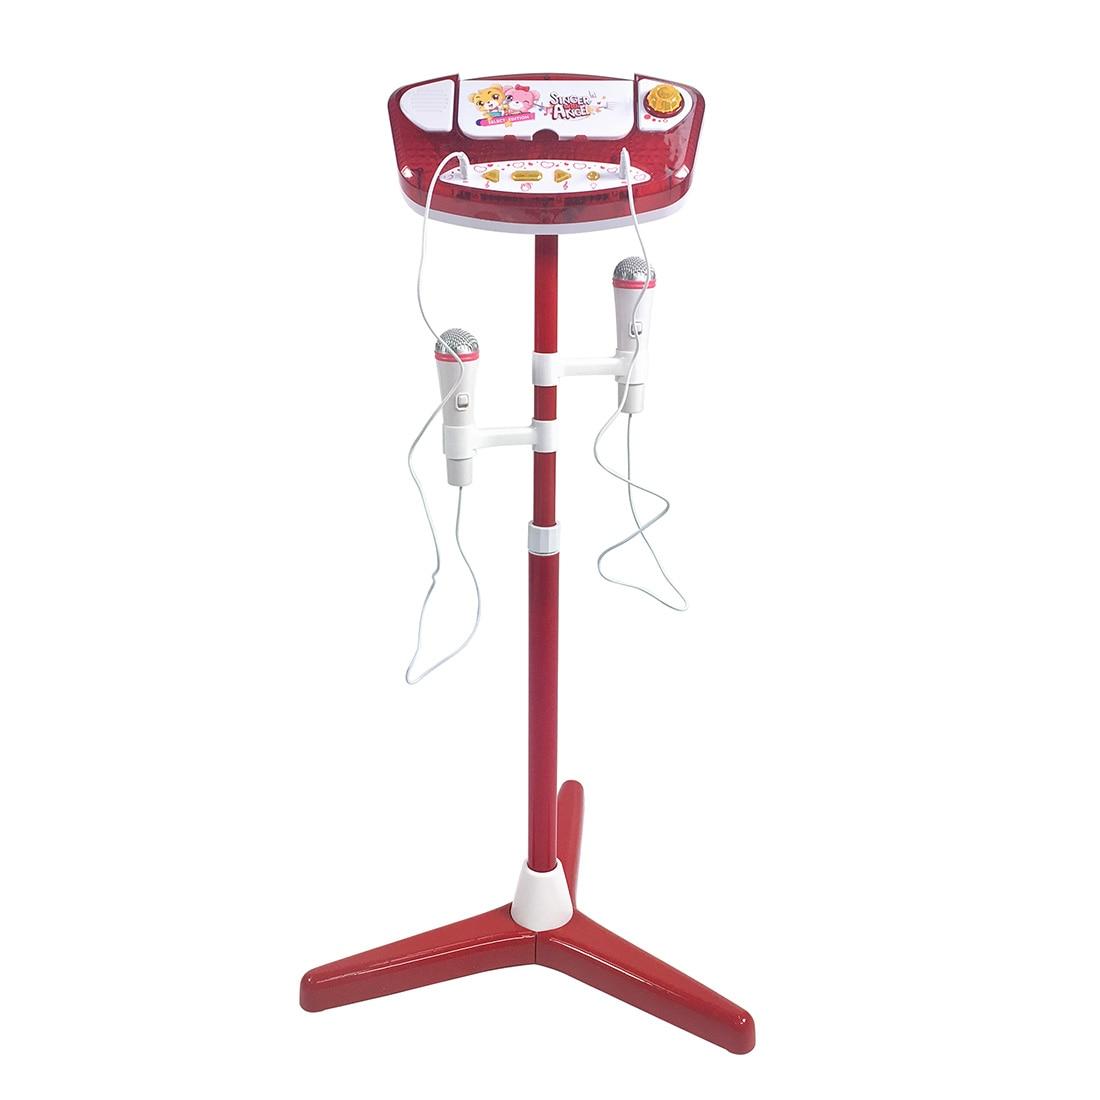 Горячая продажа Детская караоке машина с 2 микрофонами и регулируемой подставкой Музыкальный Игровой Набор обучающая игрушка подарок для детей красный